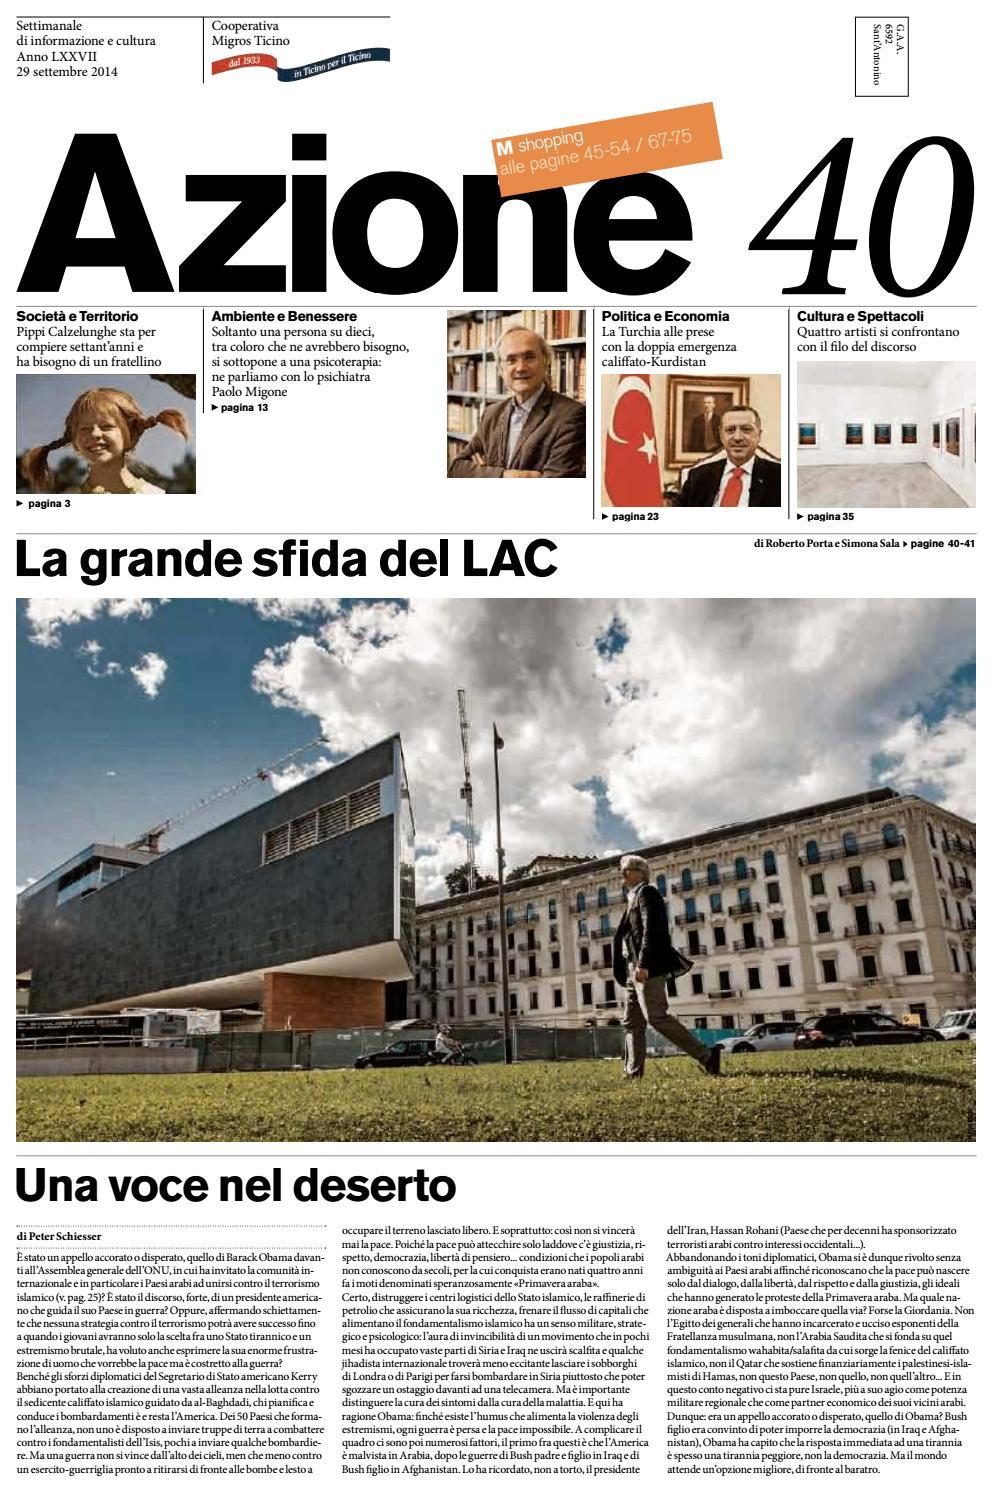 c332ef51ff Azione 40 del 29 settembre 2014 by Azione, Settimanale di Migros Ticino -  issuu